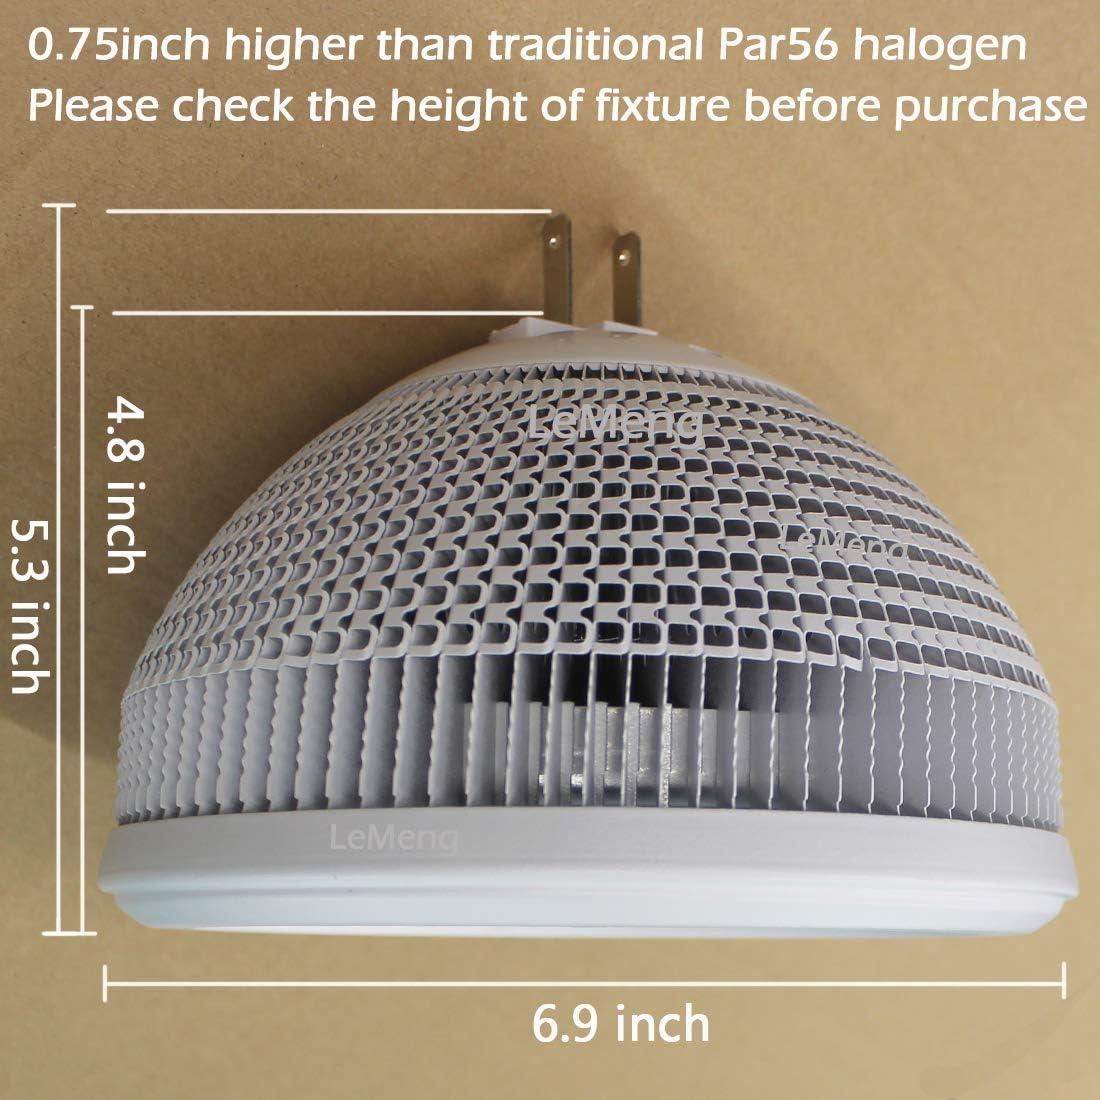 300Watt Equivalent Par 56 Light 3000K Soft Warm White Spot Light 3000lm 30/°Beam Angle NSP Par-56 GX16D Base LeMeng 30W Par56 LED Bulb Dimmable